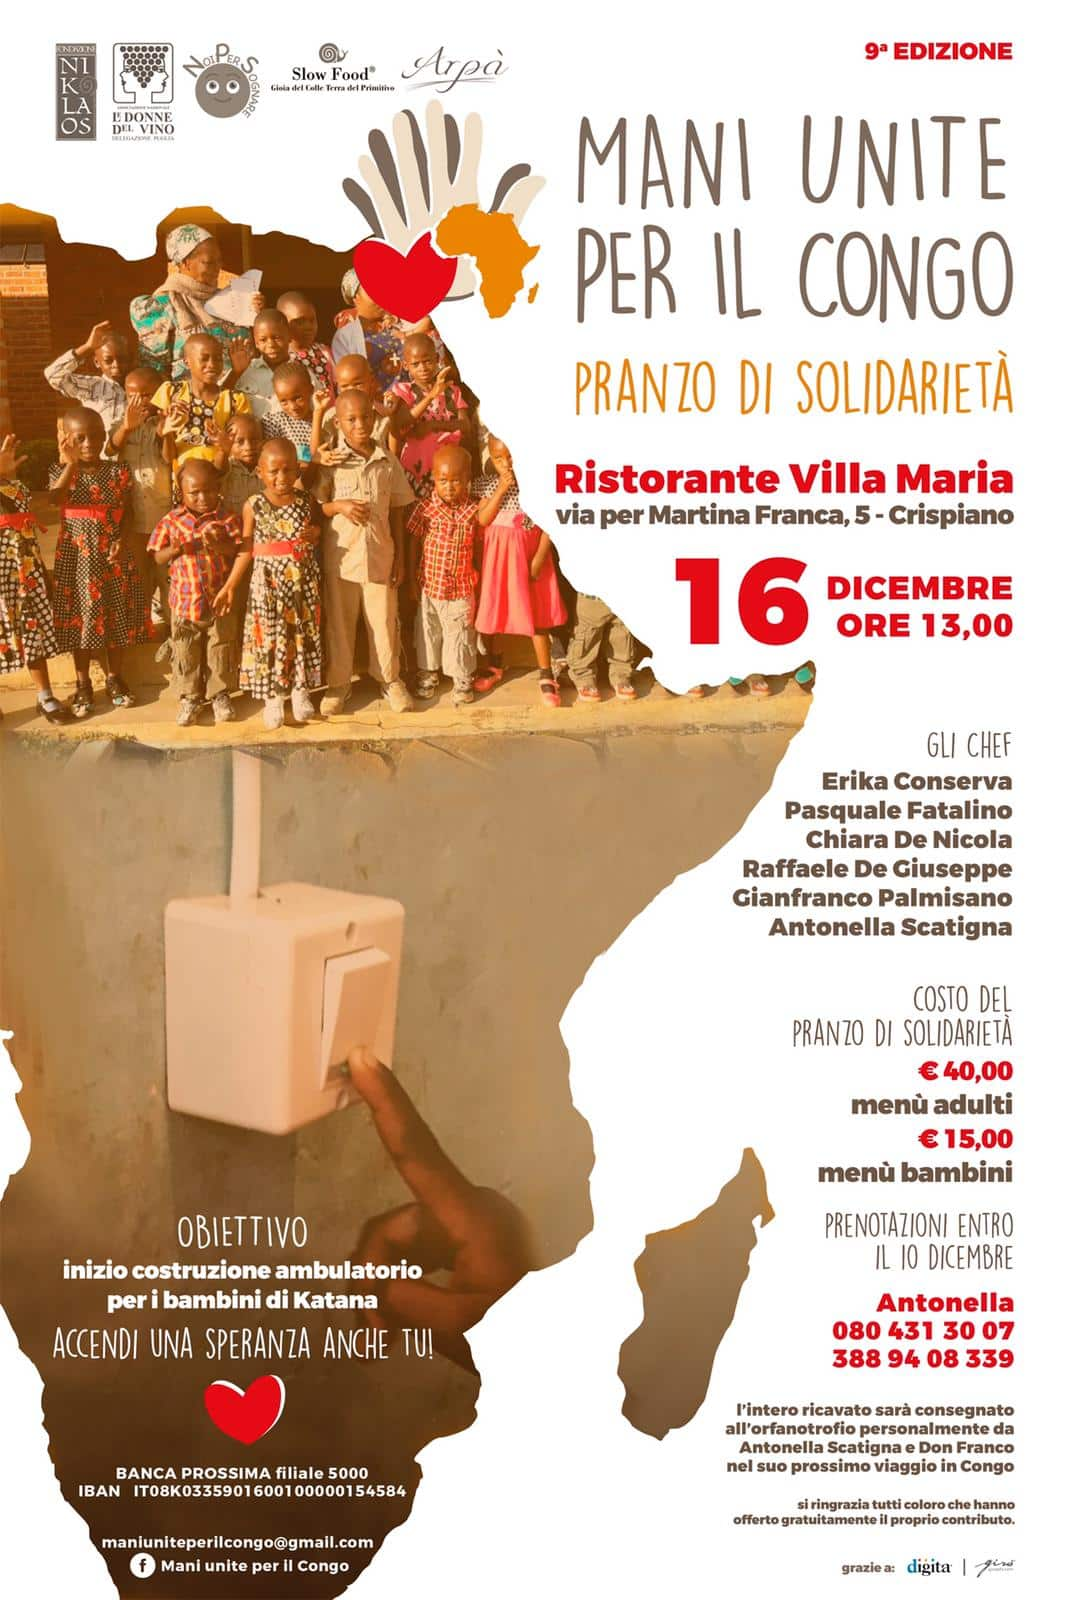 Mani unite per il Congo